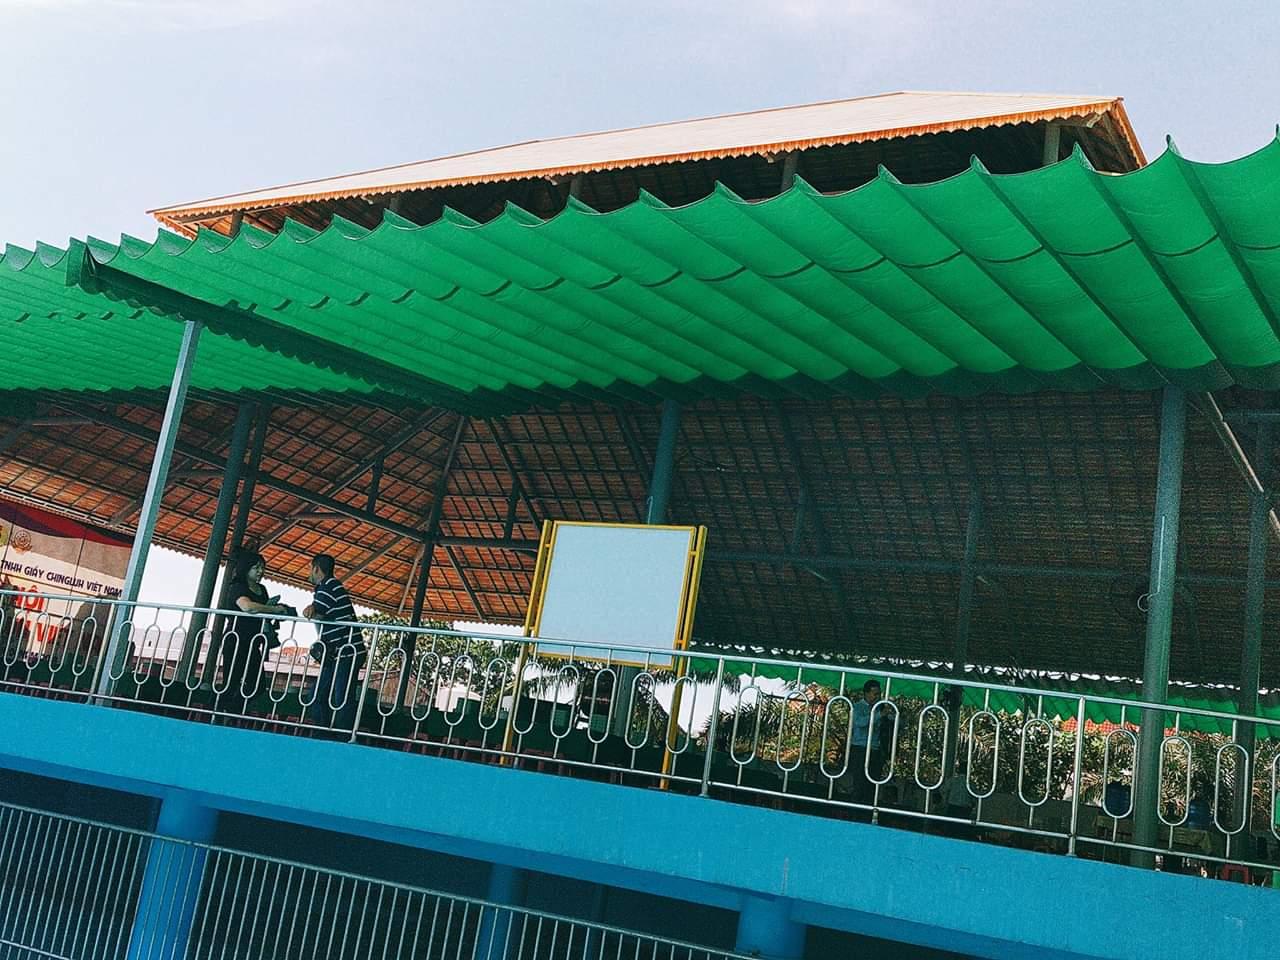 Mái Hiên Mái Che Mái Xếp Bạt Kéo Lượn Sóng Giá Rẻ Tại TP Biên Hòa